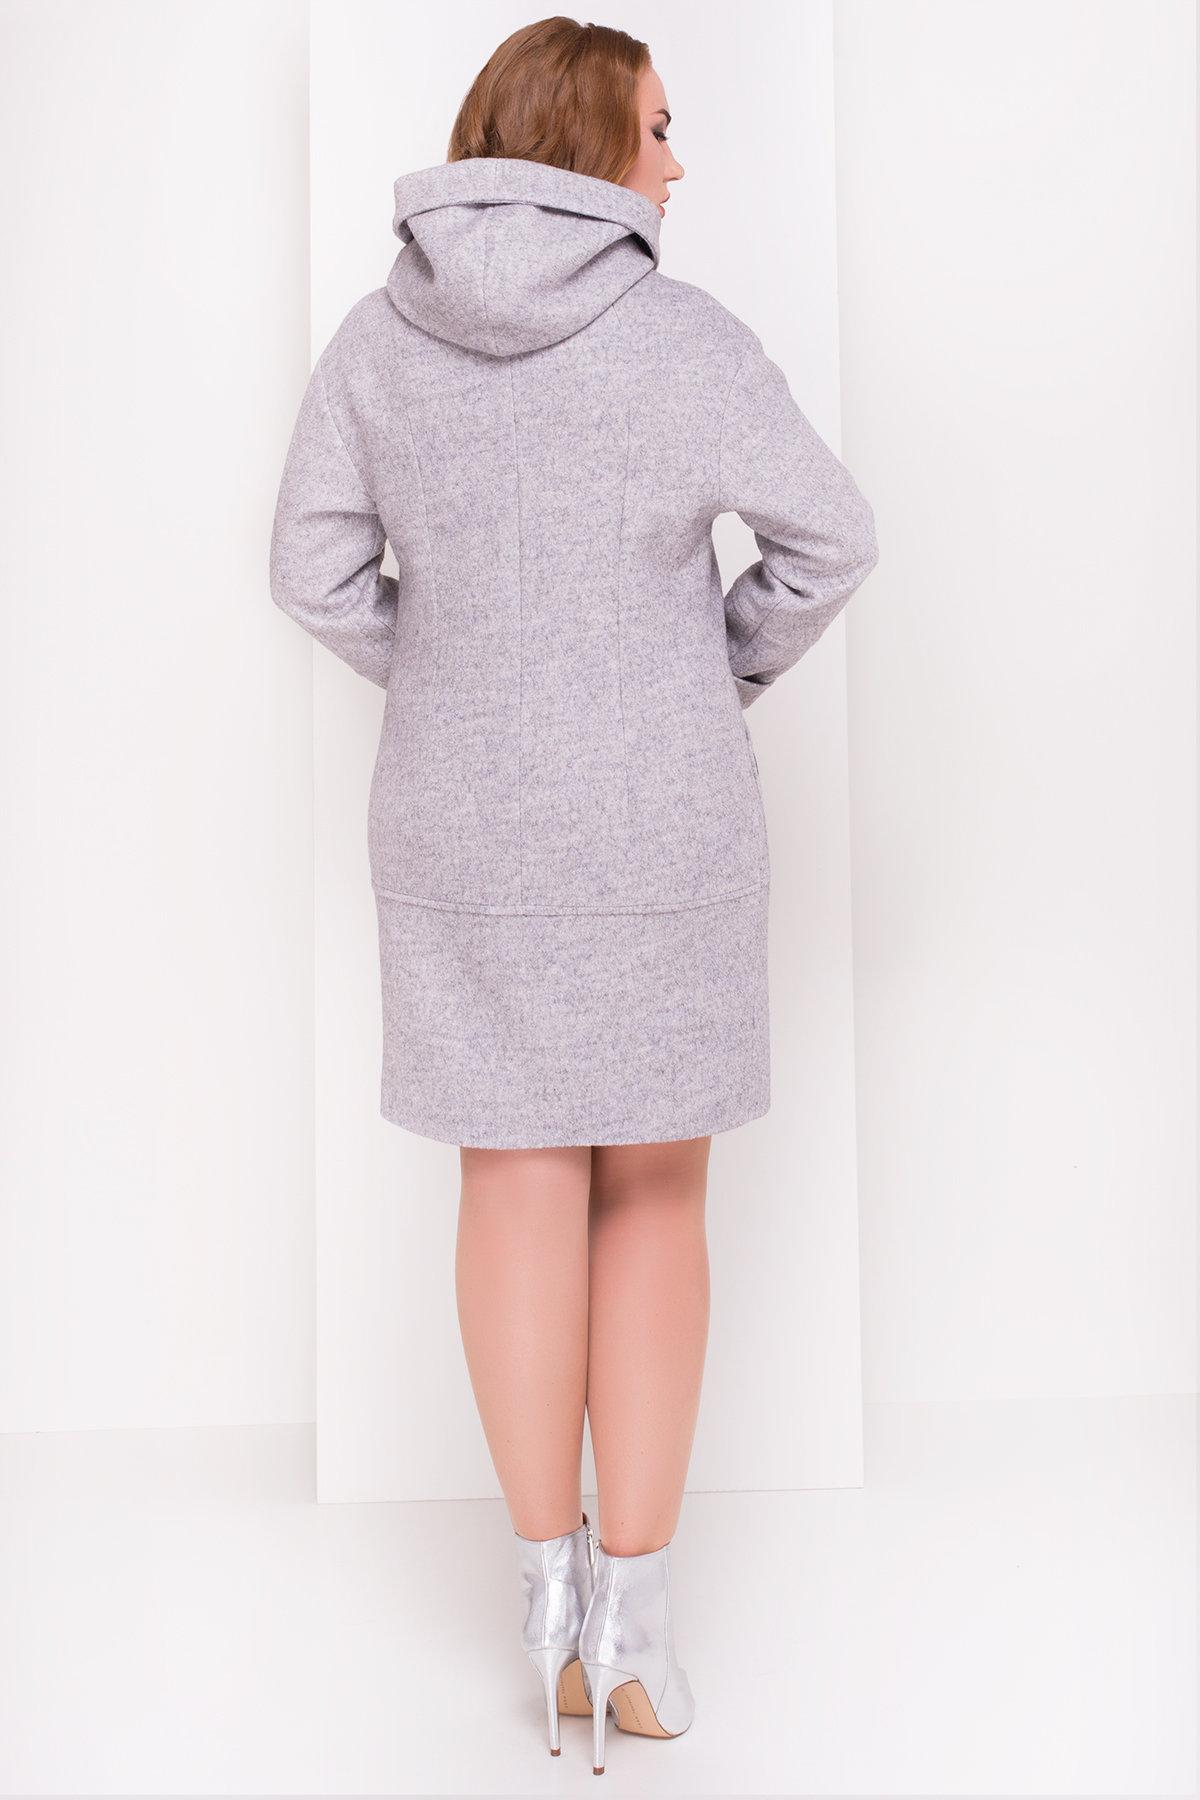 Детские вязаные юбки доставка